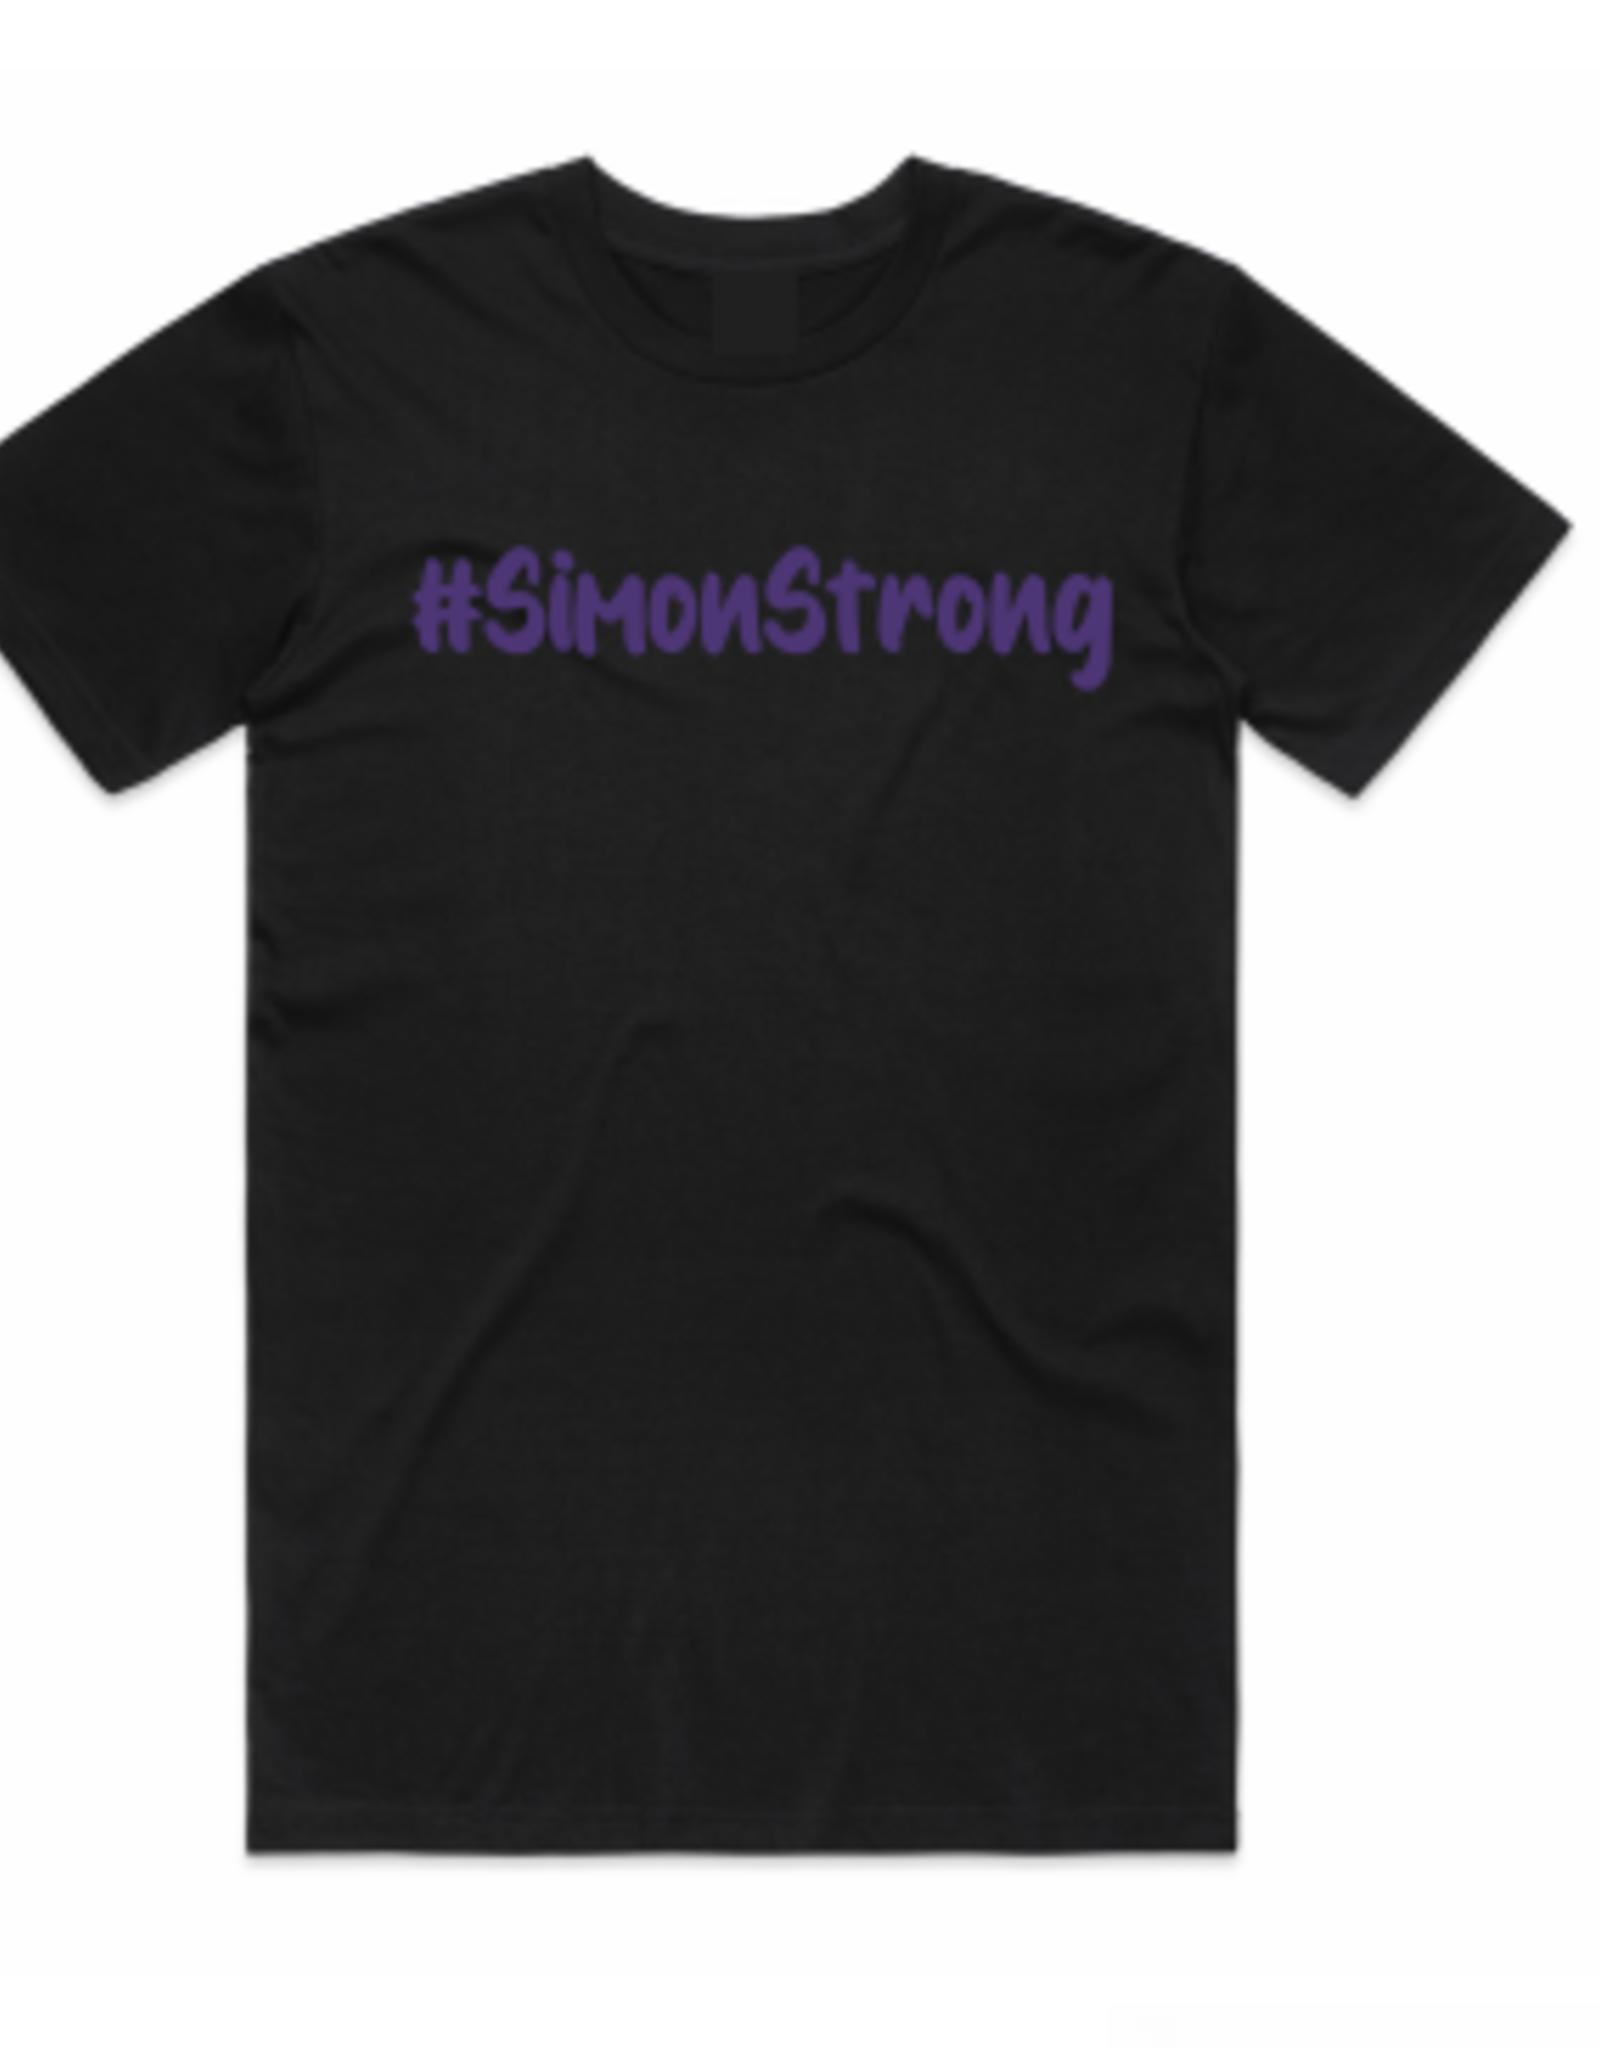 5050bmx #SimonStrong Tee 2XL